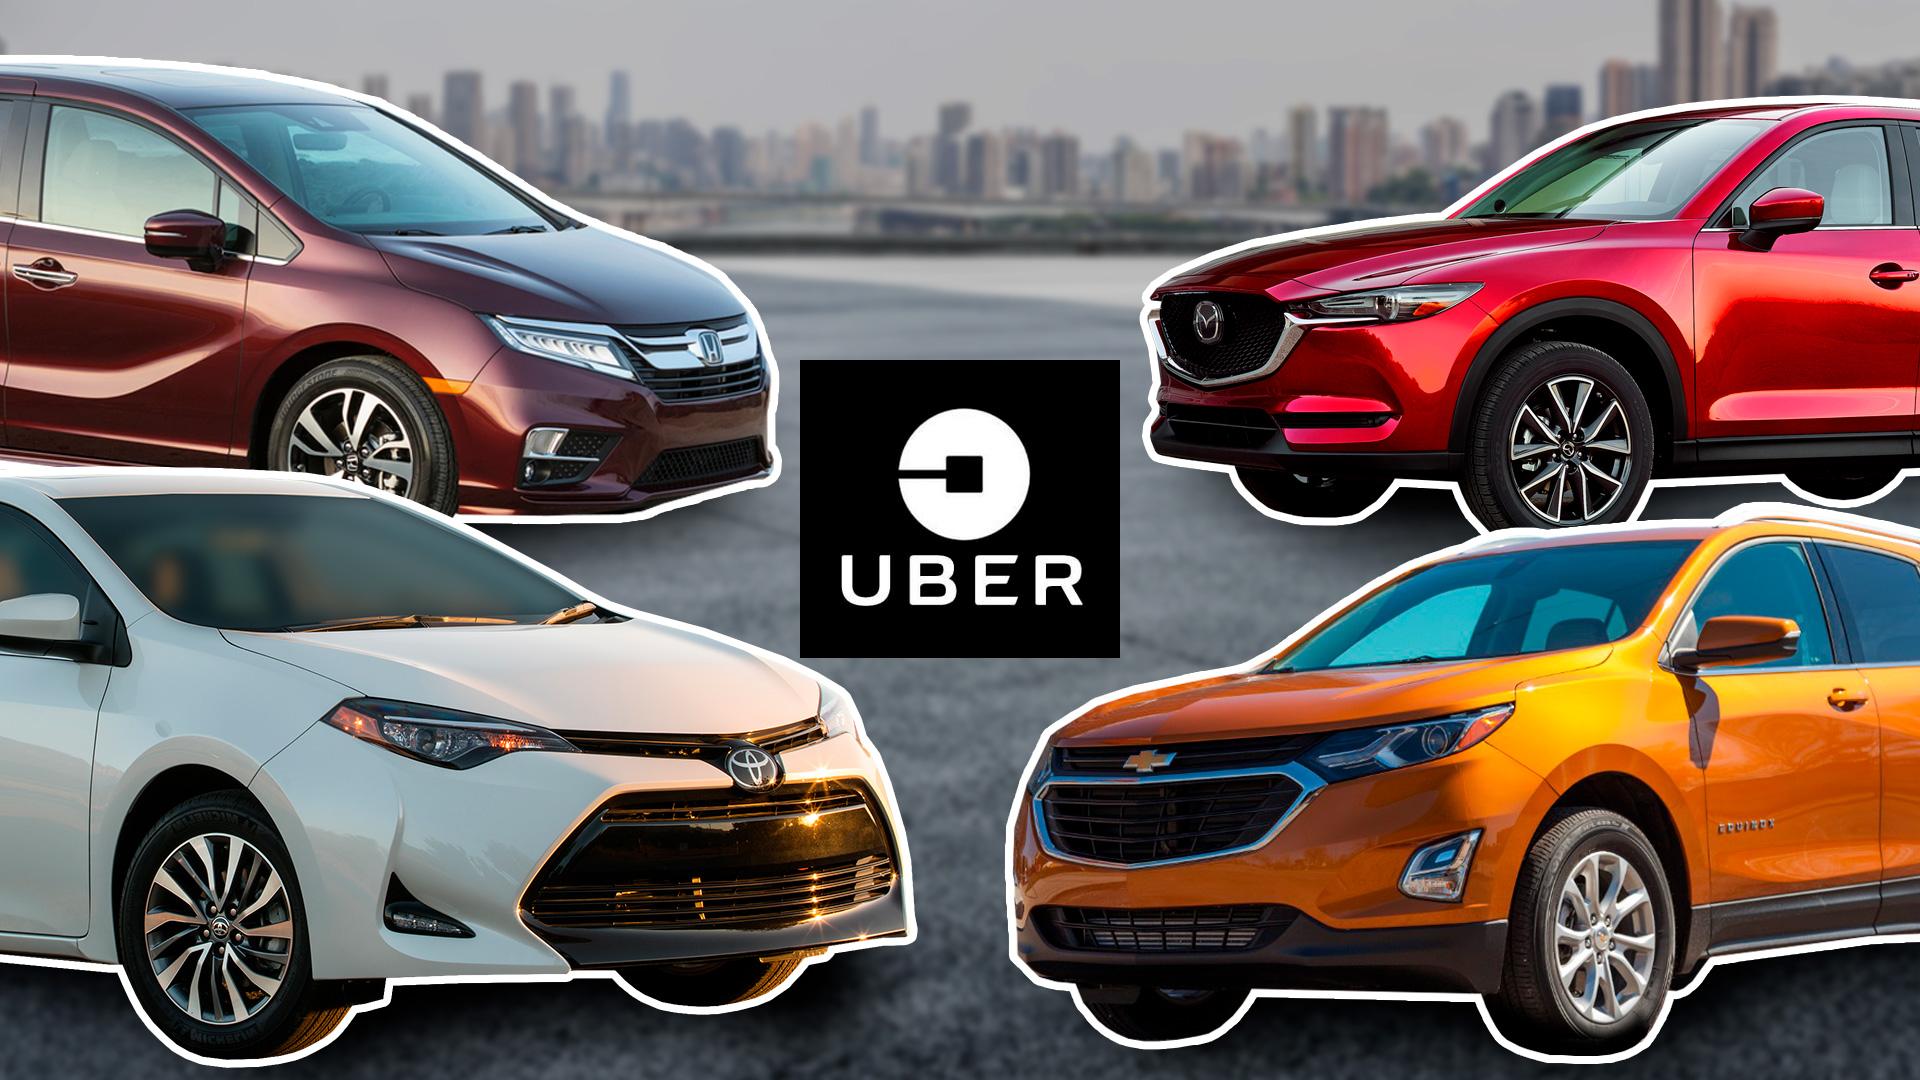 Venta de autos para uber